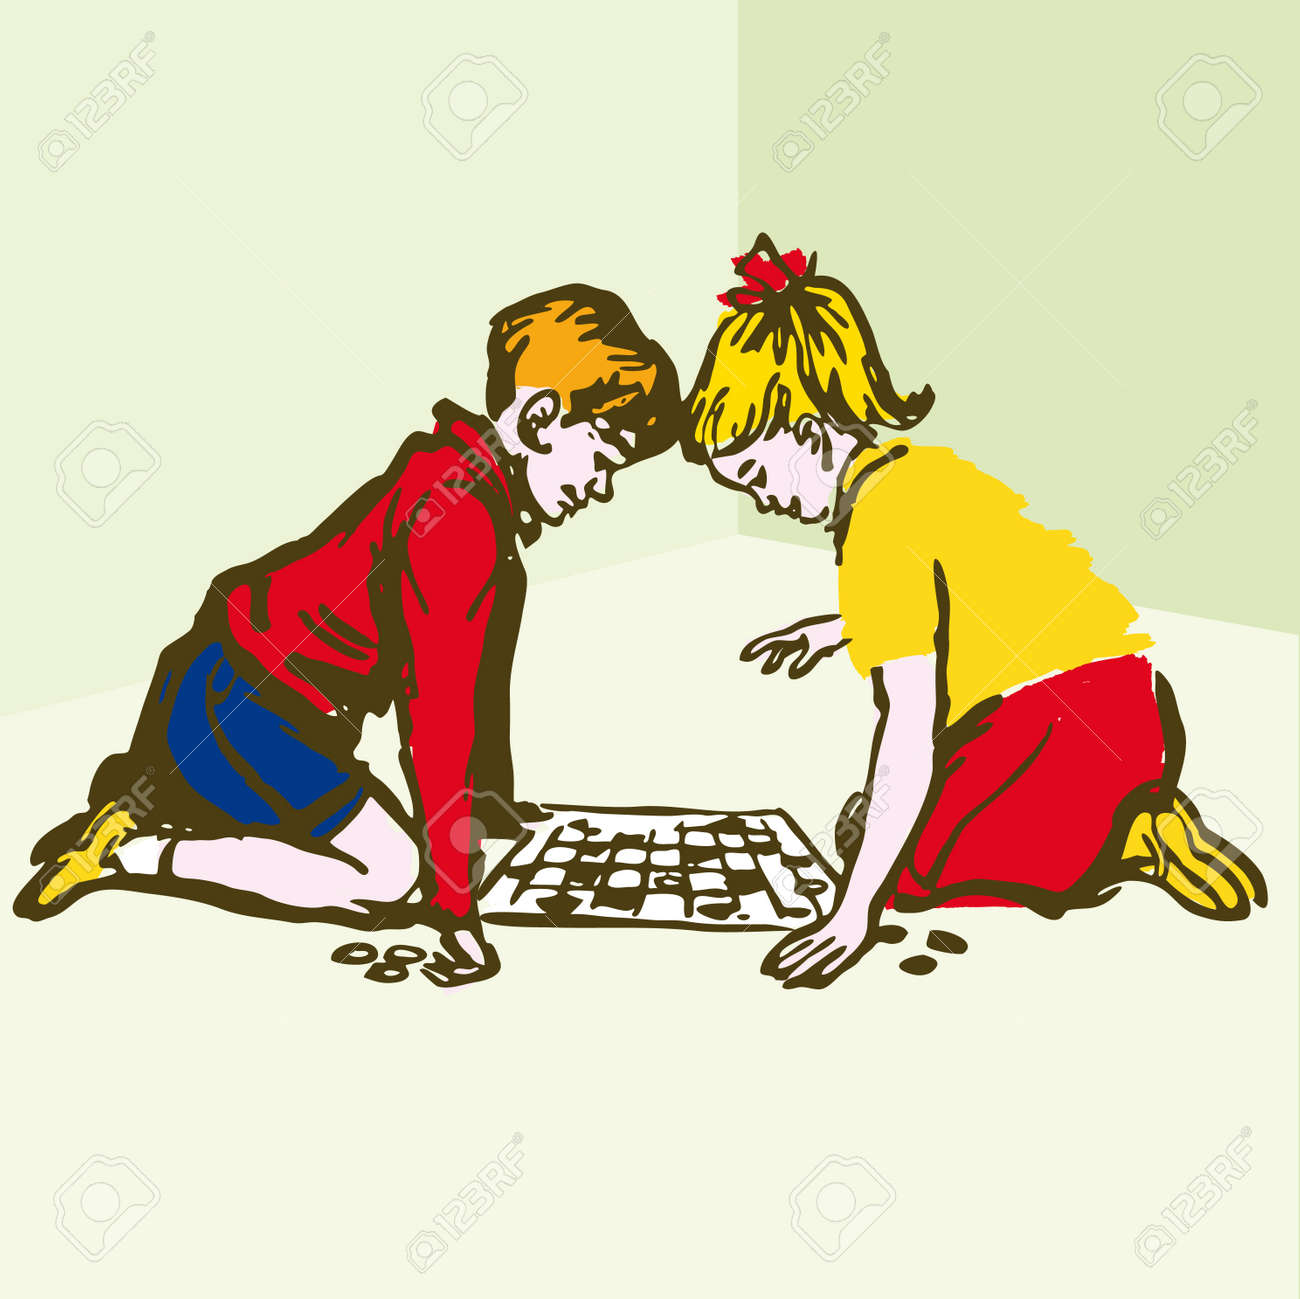 Ninos Jugando Juegos De Mesa Dibujos Animados De La Ilustracion